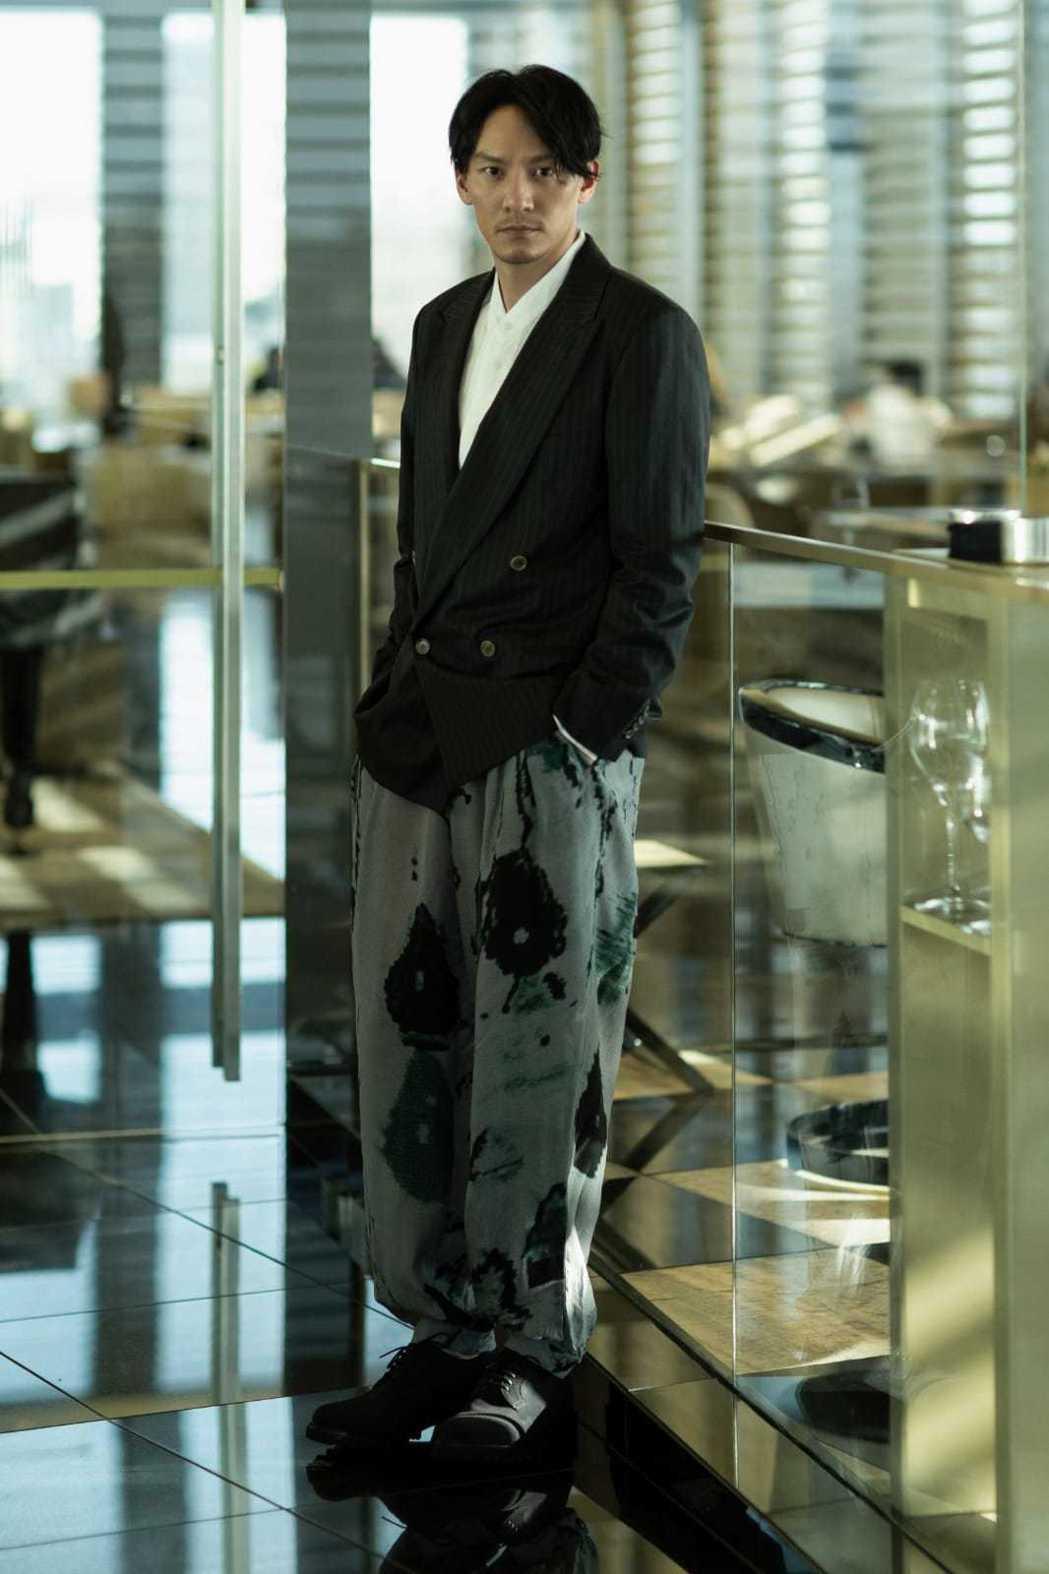 張震出席米蘭時裝週的Giorgio Armani秋冬時裝秀,並與設計大師Arma...